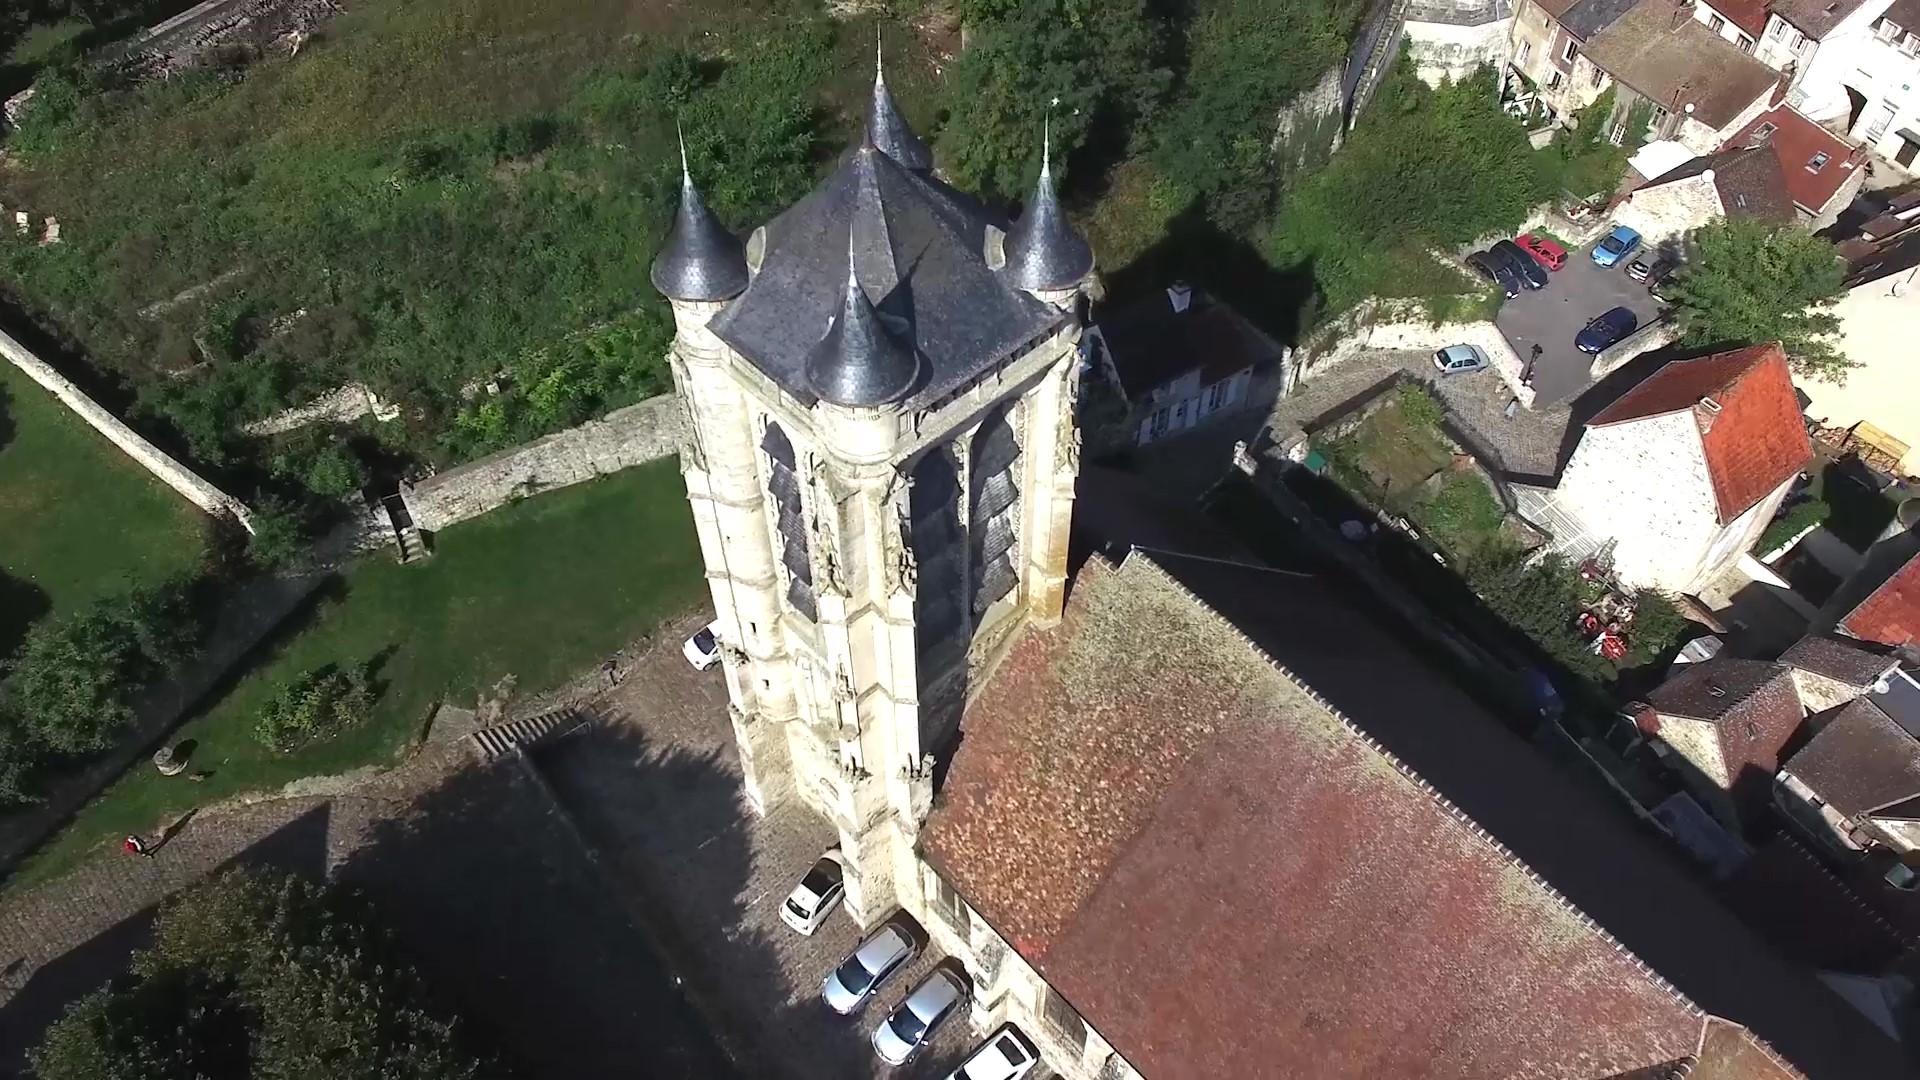 image_thumb_Défilé de Jeanne d'Arc dans la Ferté Milon